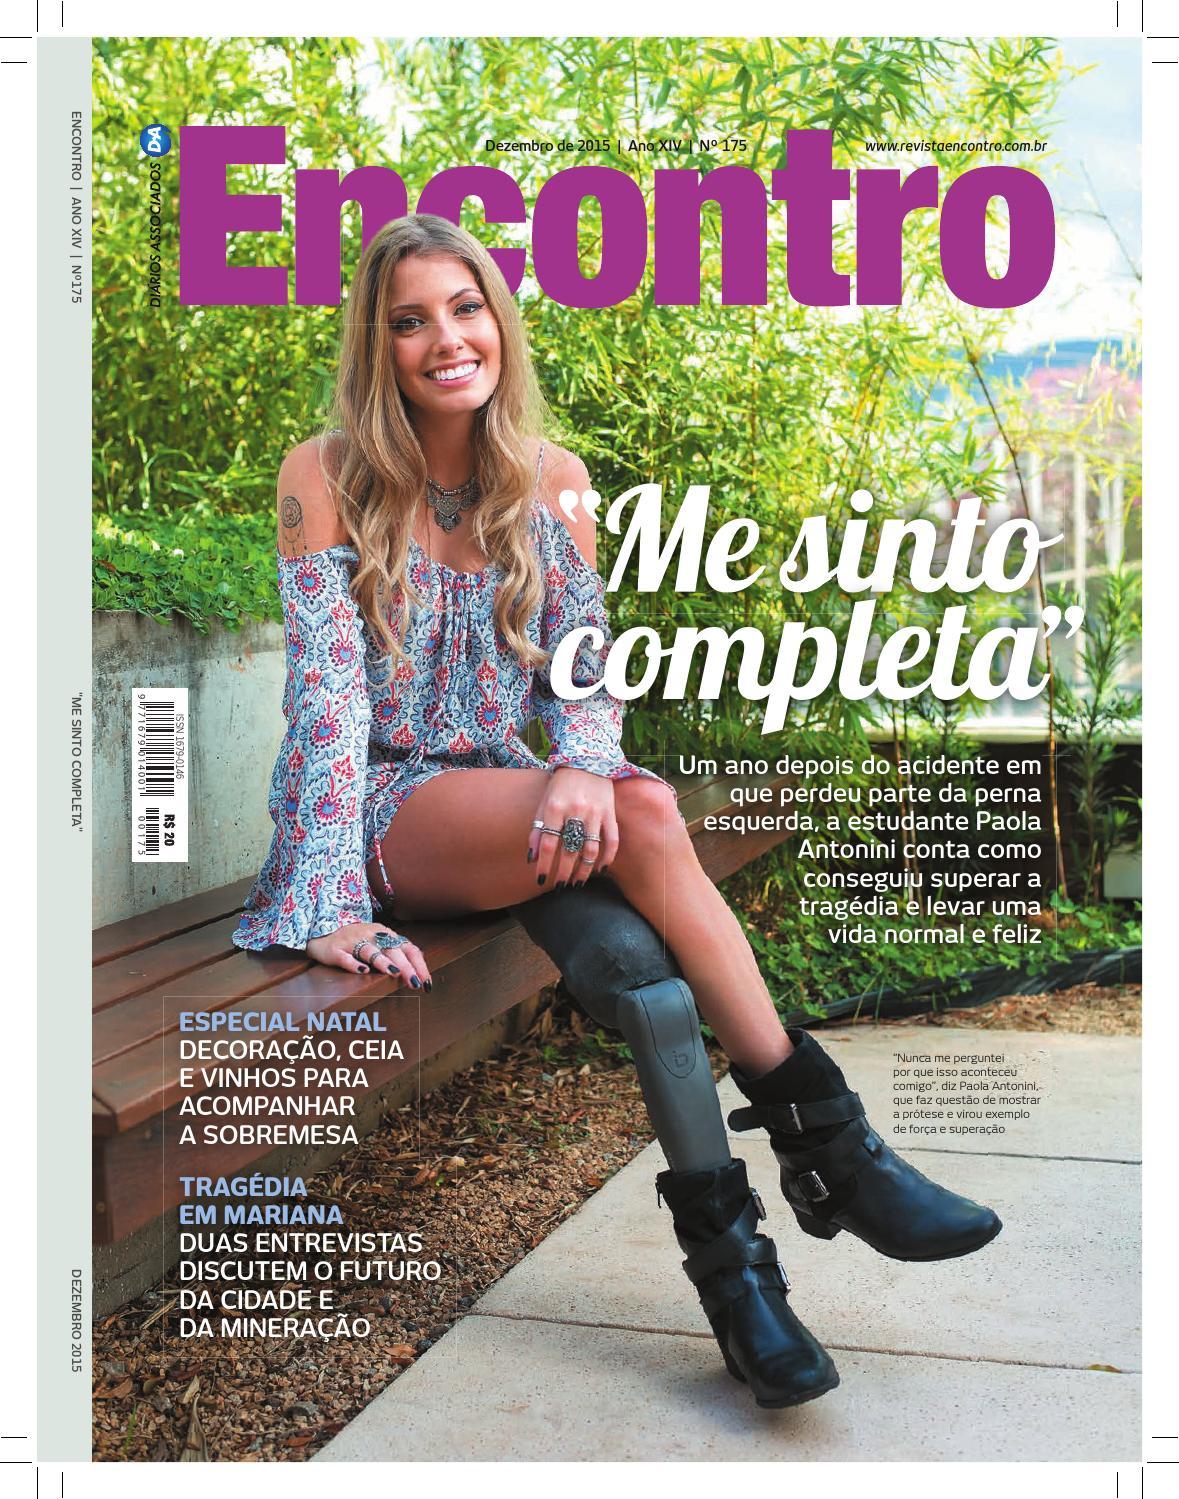 Revista Encontro 175 by Editora Encontro - issuu 3580f32ee6e77